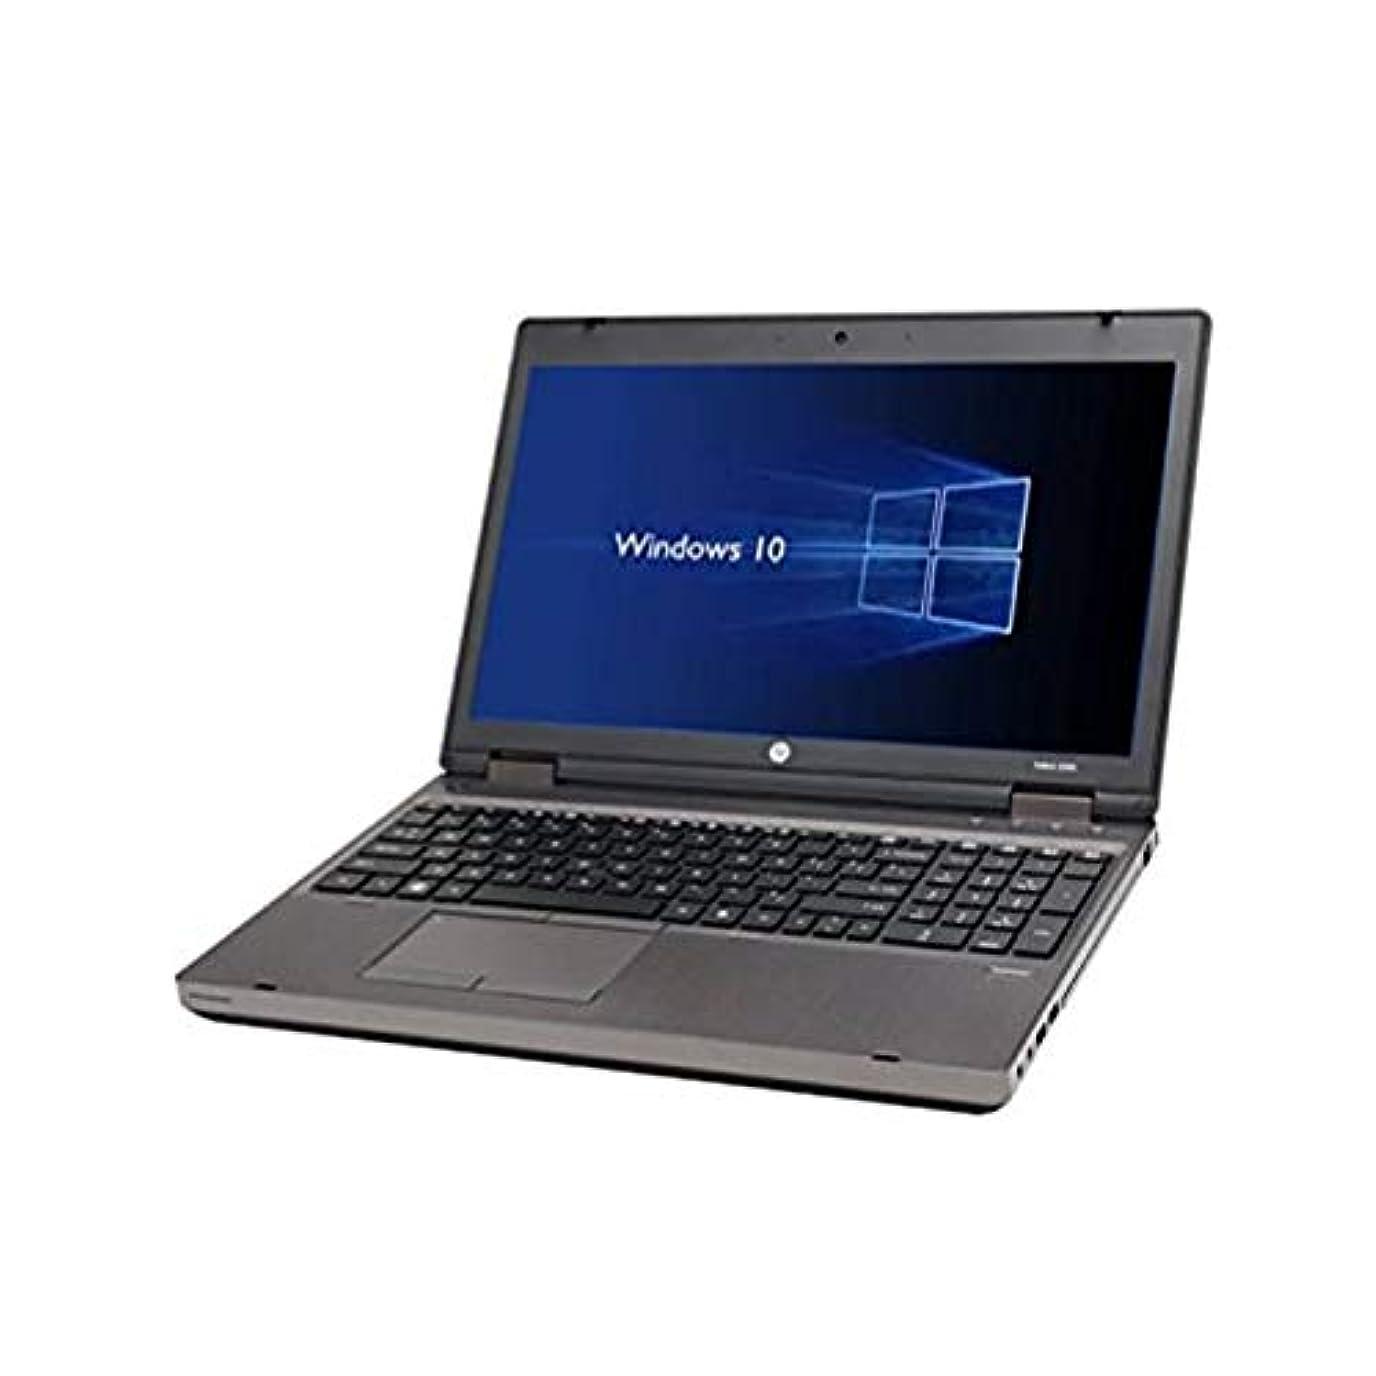 説明的食事取り囲む【Microsoft Office 2010搭載】【Win 10Pro搭載】HP ProBook 6560b /Celeron B840 1.90GHz/メモリ4GB/HDD 250GB/15.6インチ/DVDマルチドライブ/無線LAN/テンキー/中古ノートパソコン